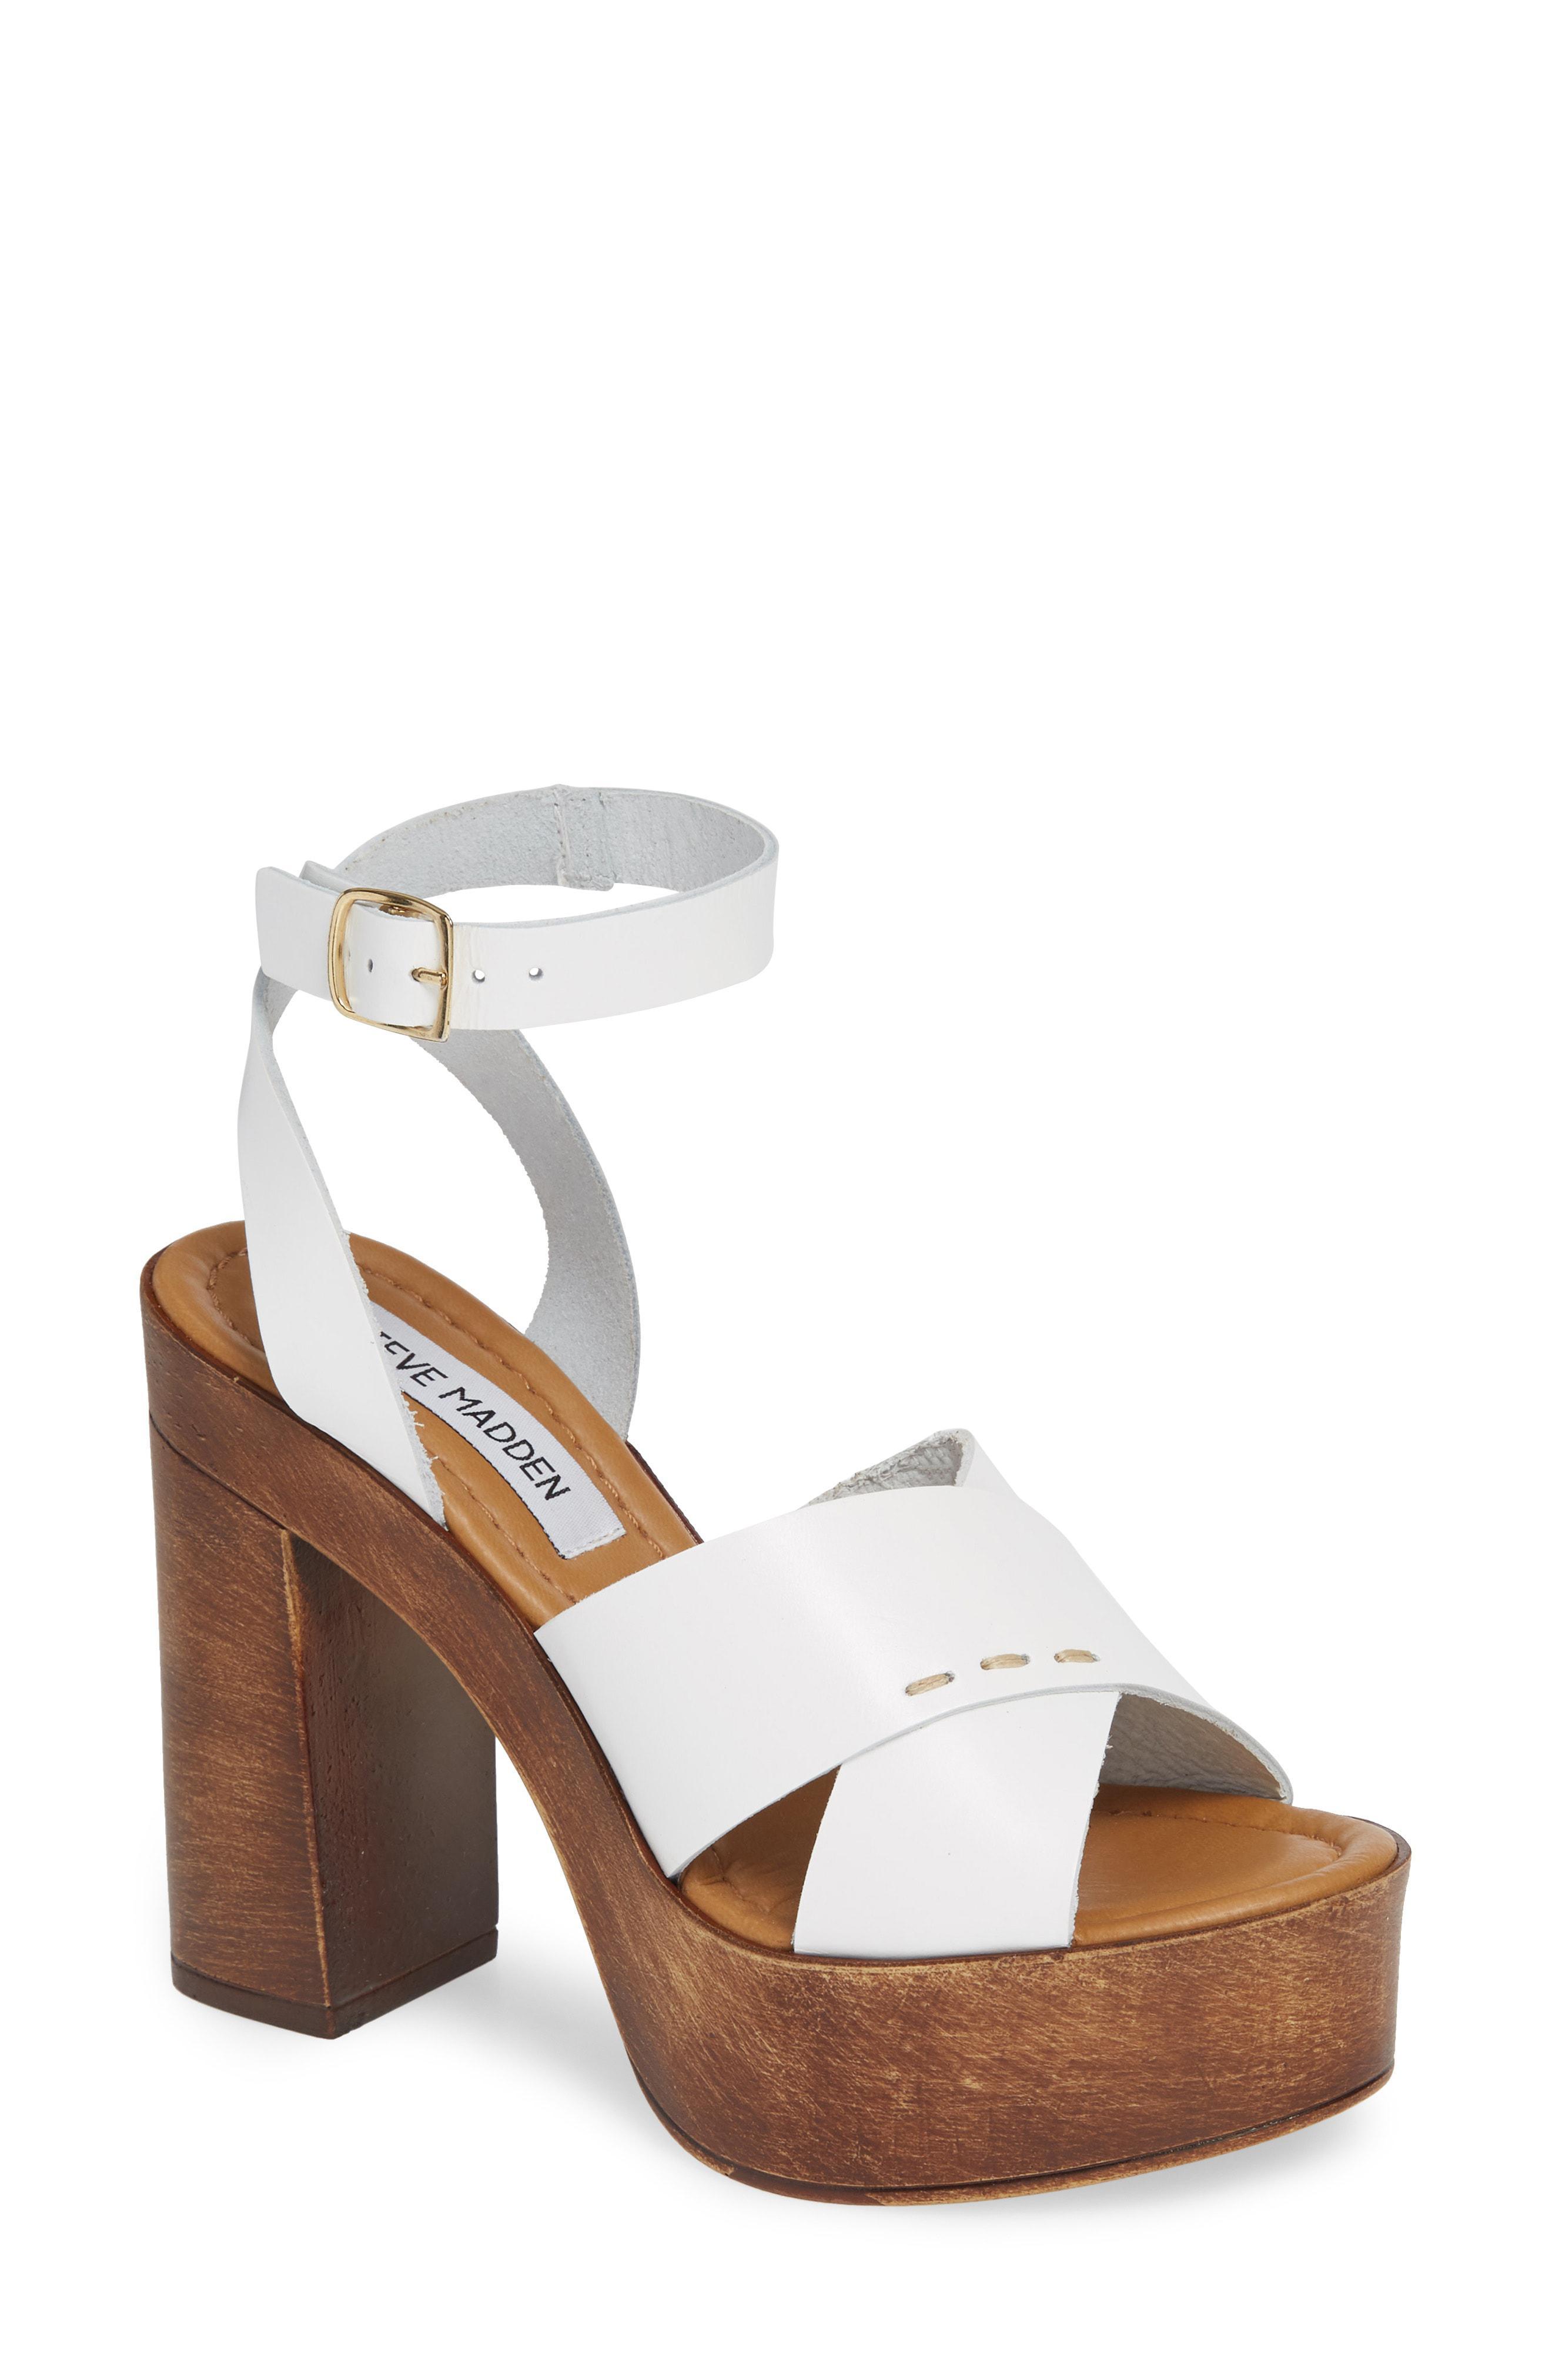 0cb001595f6d Lyst - Steve Madden Liliana Platform Sandal in White